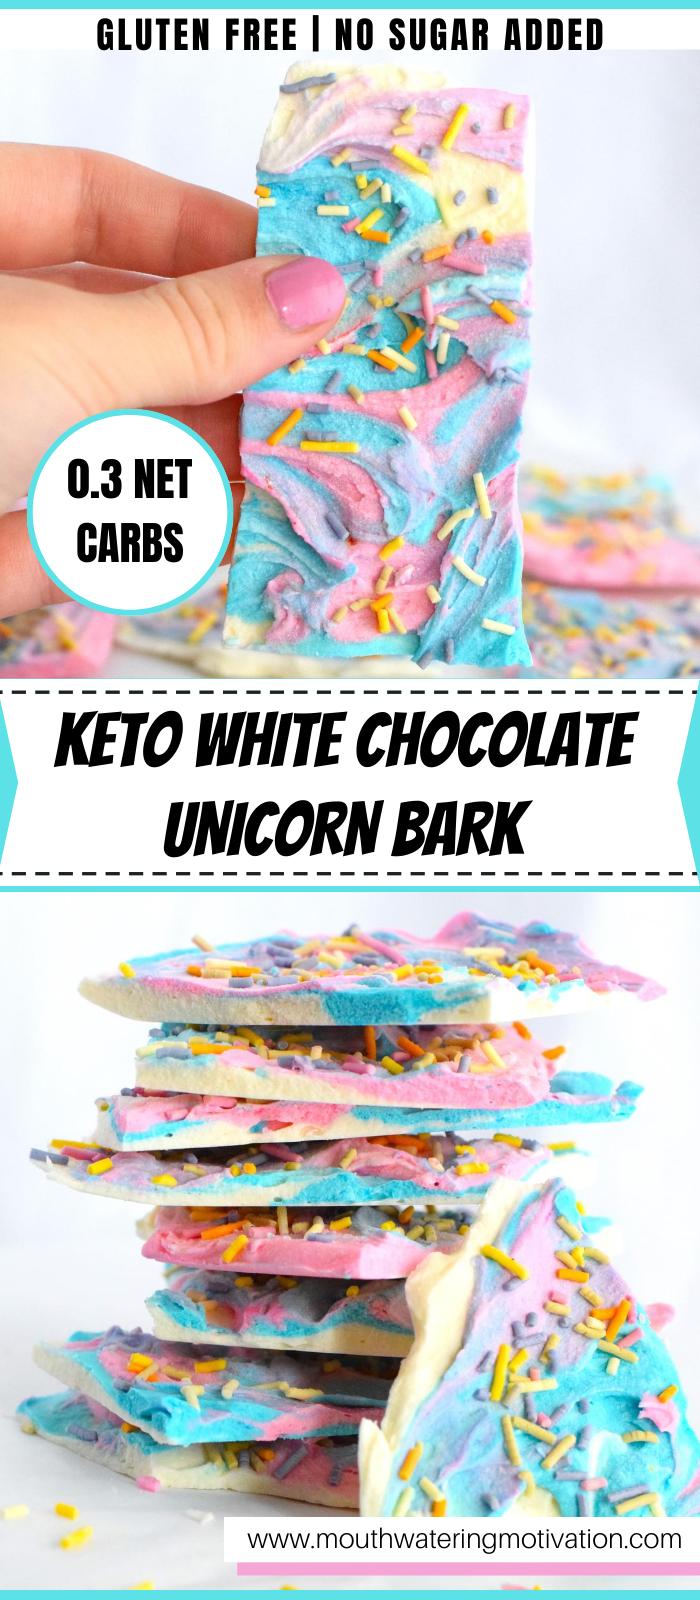 keto white chocolate unicorn bark